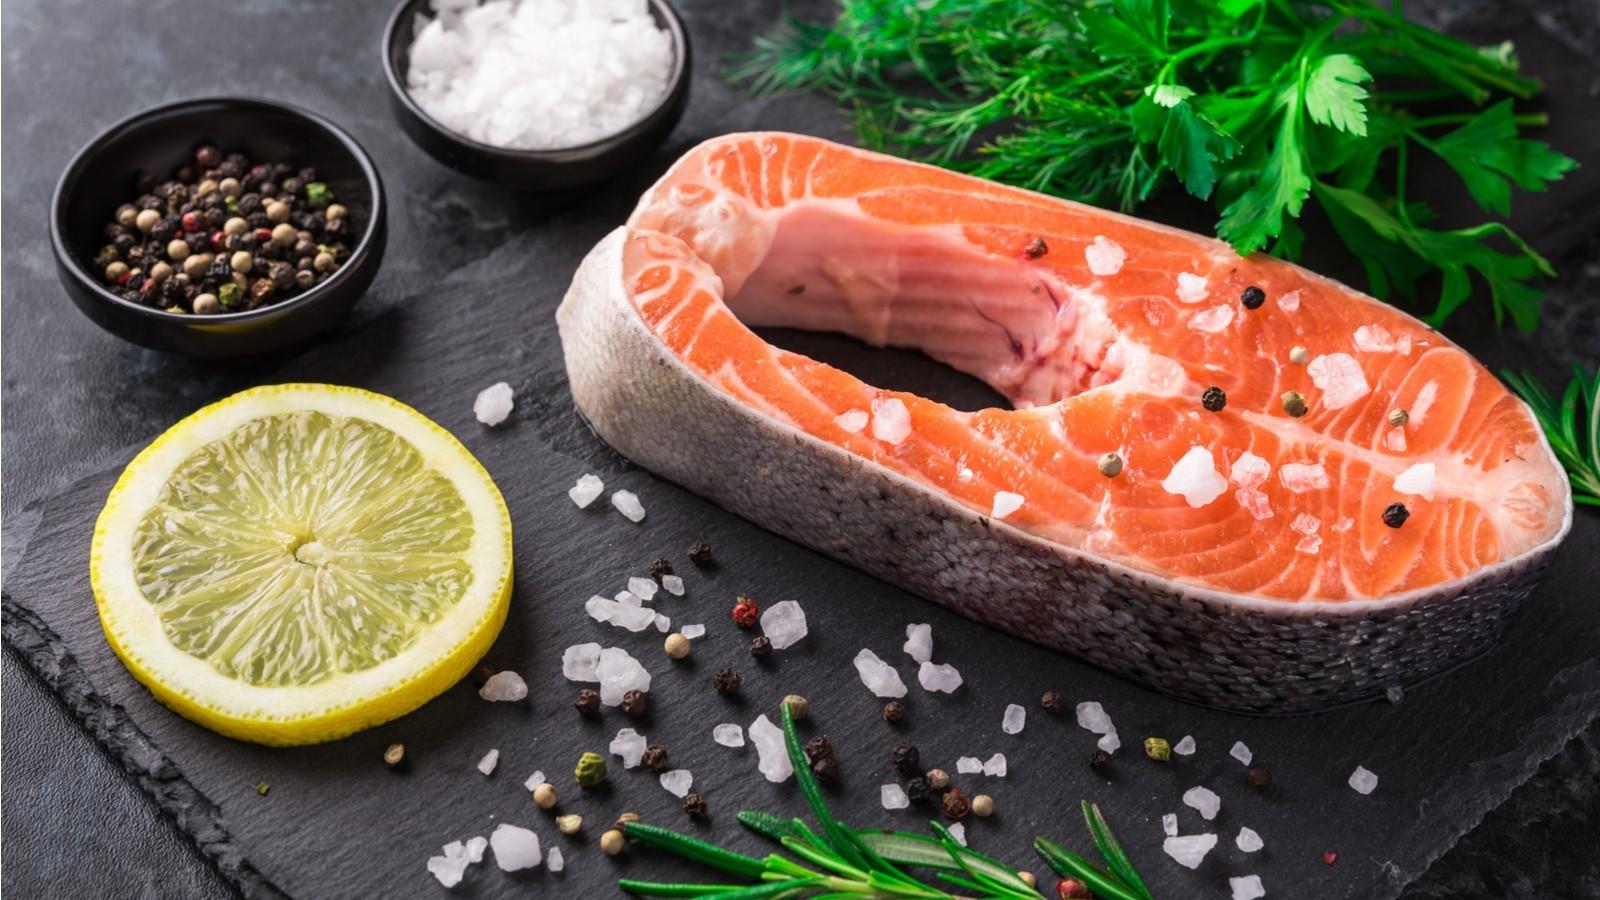 Lachs Rezepte Einfach Schnell Villa Lebenslust 2 Fingerfood Lachs